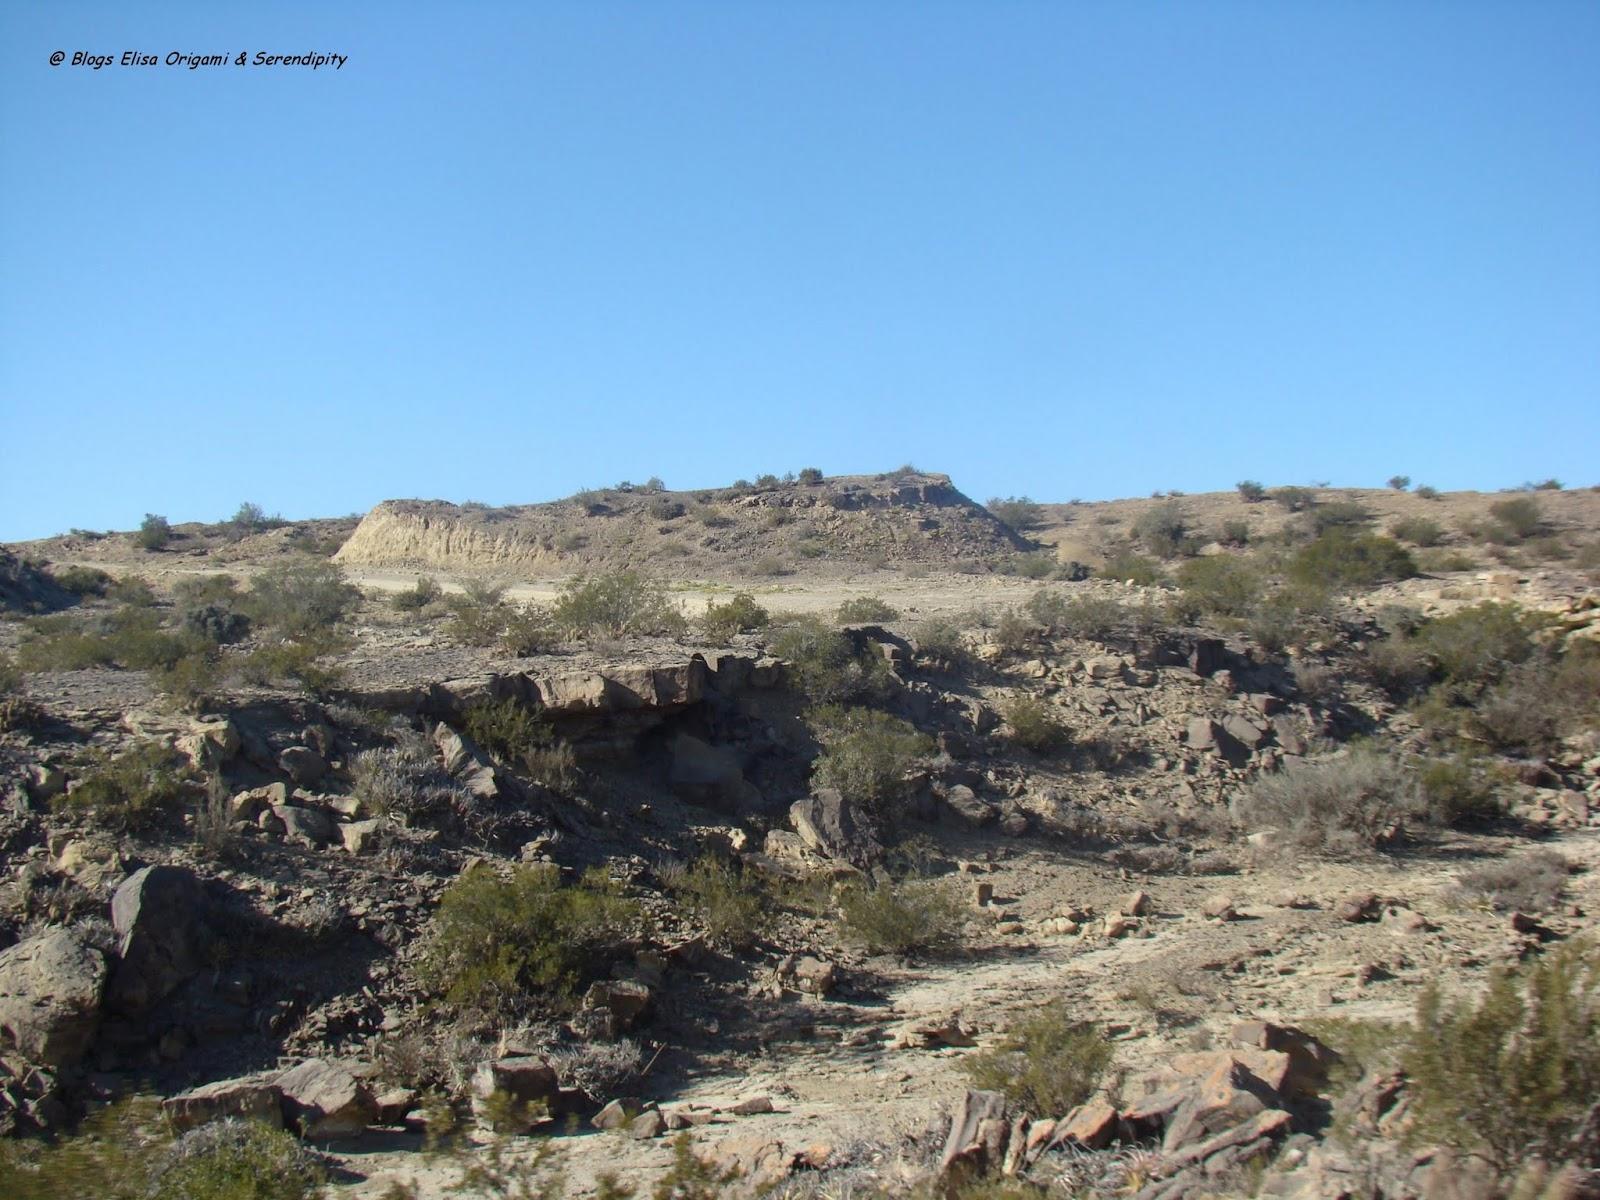 Parque Nacional Ischigualasto, Argentina